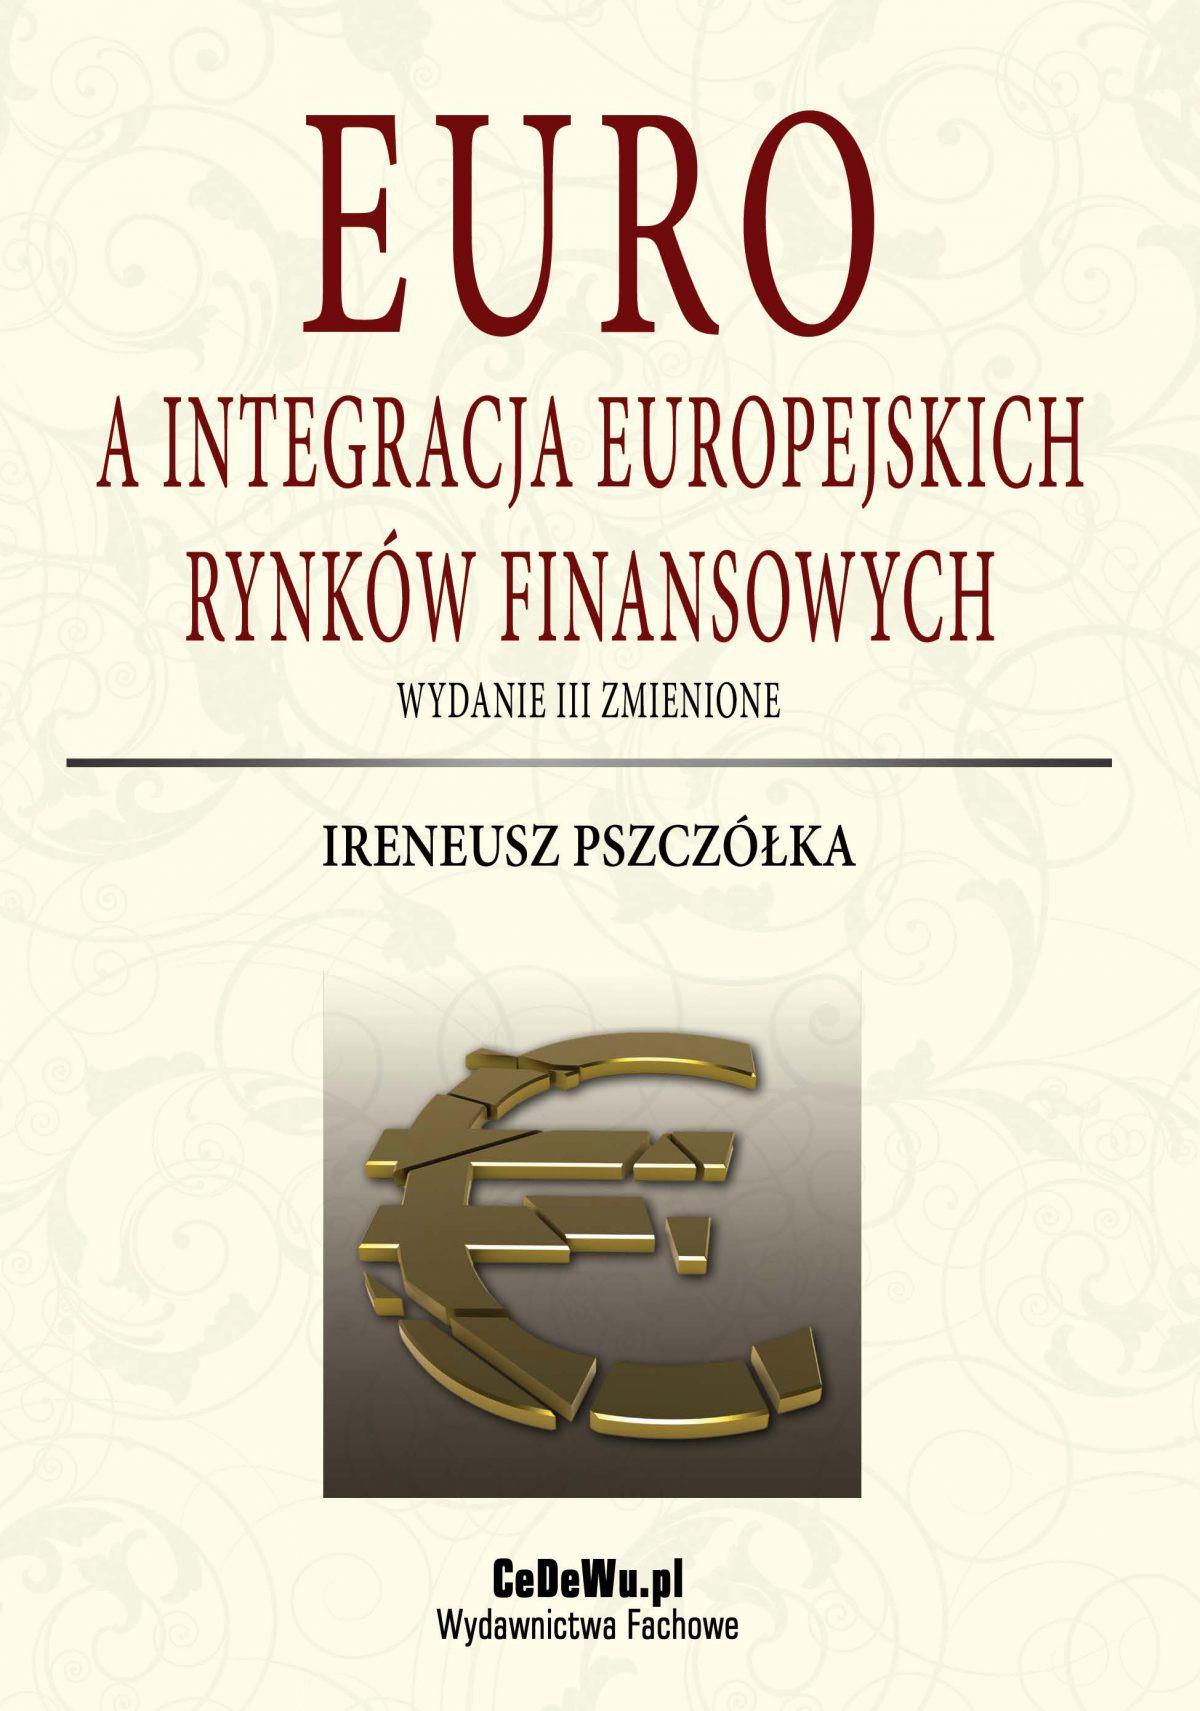 Euro a integracja europejskich rynków finansowych (wyd. III zmienione). Rozdział 4. Euro a procesy alokacji kapitału w Unii Europejskiej - Ebook (Książka PDF) do pobrania w formacie PDF